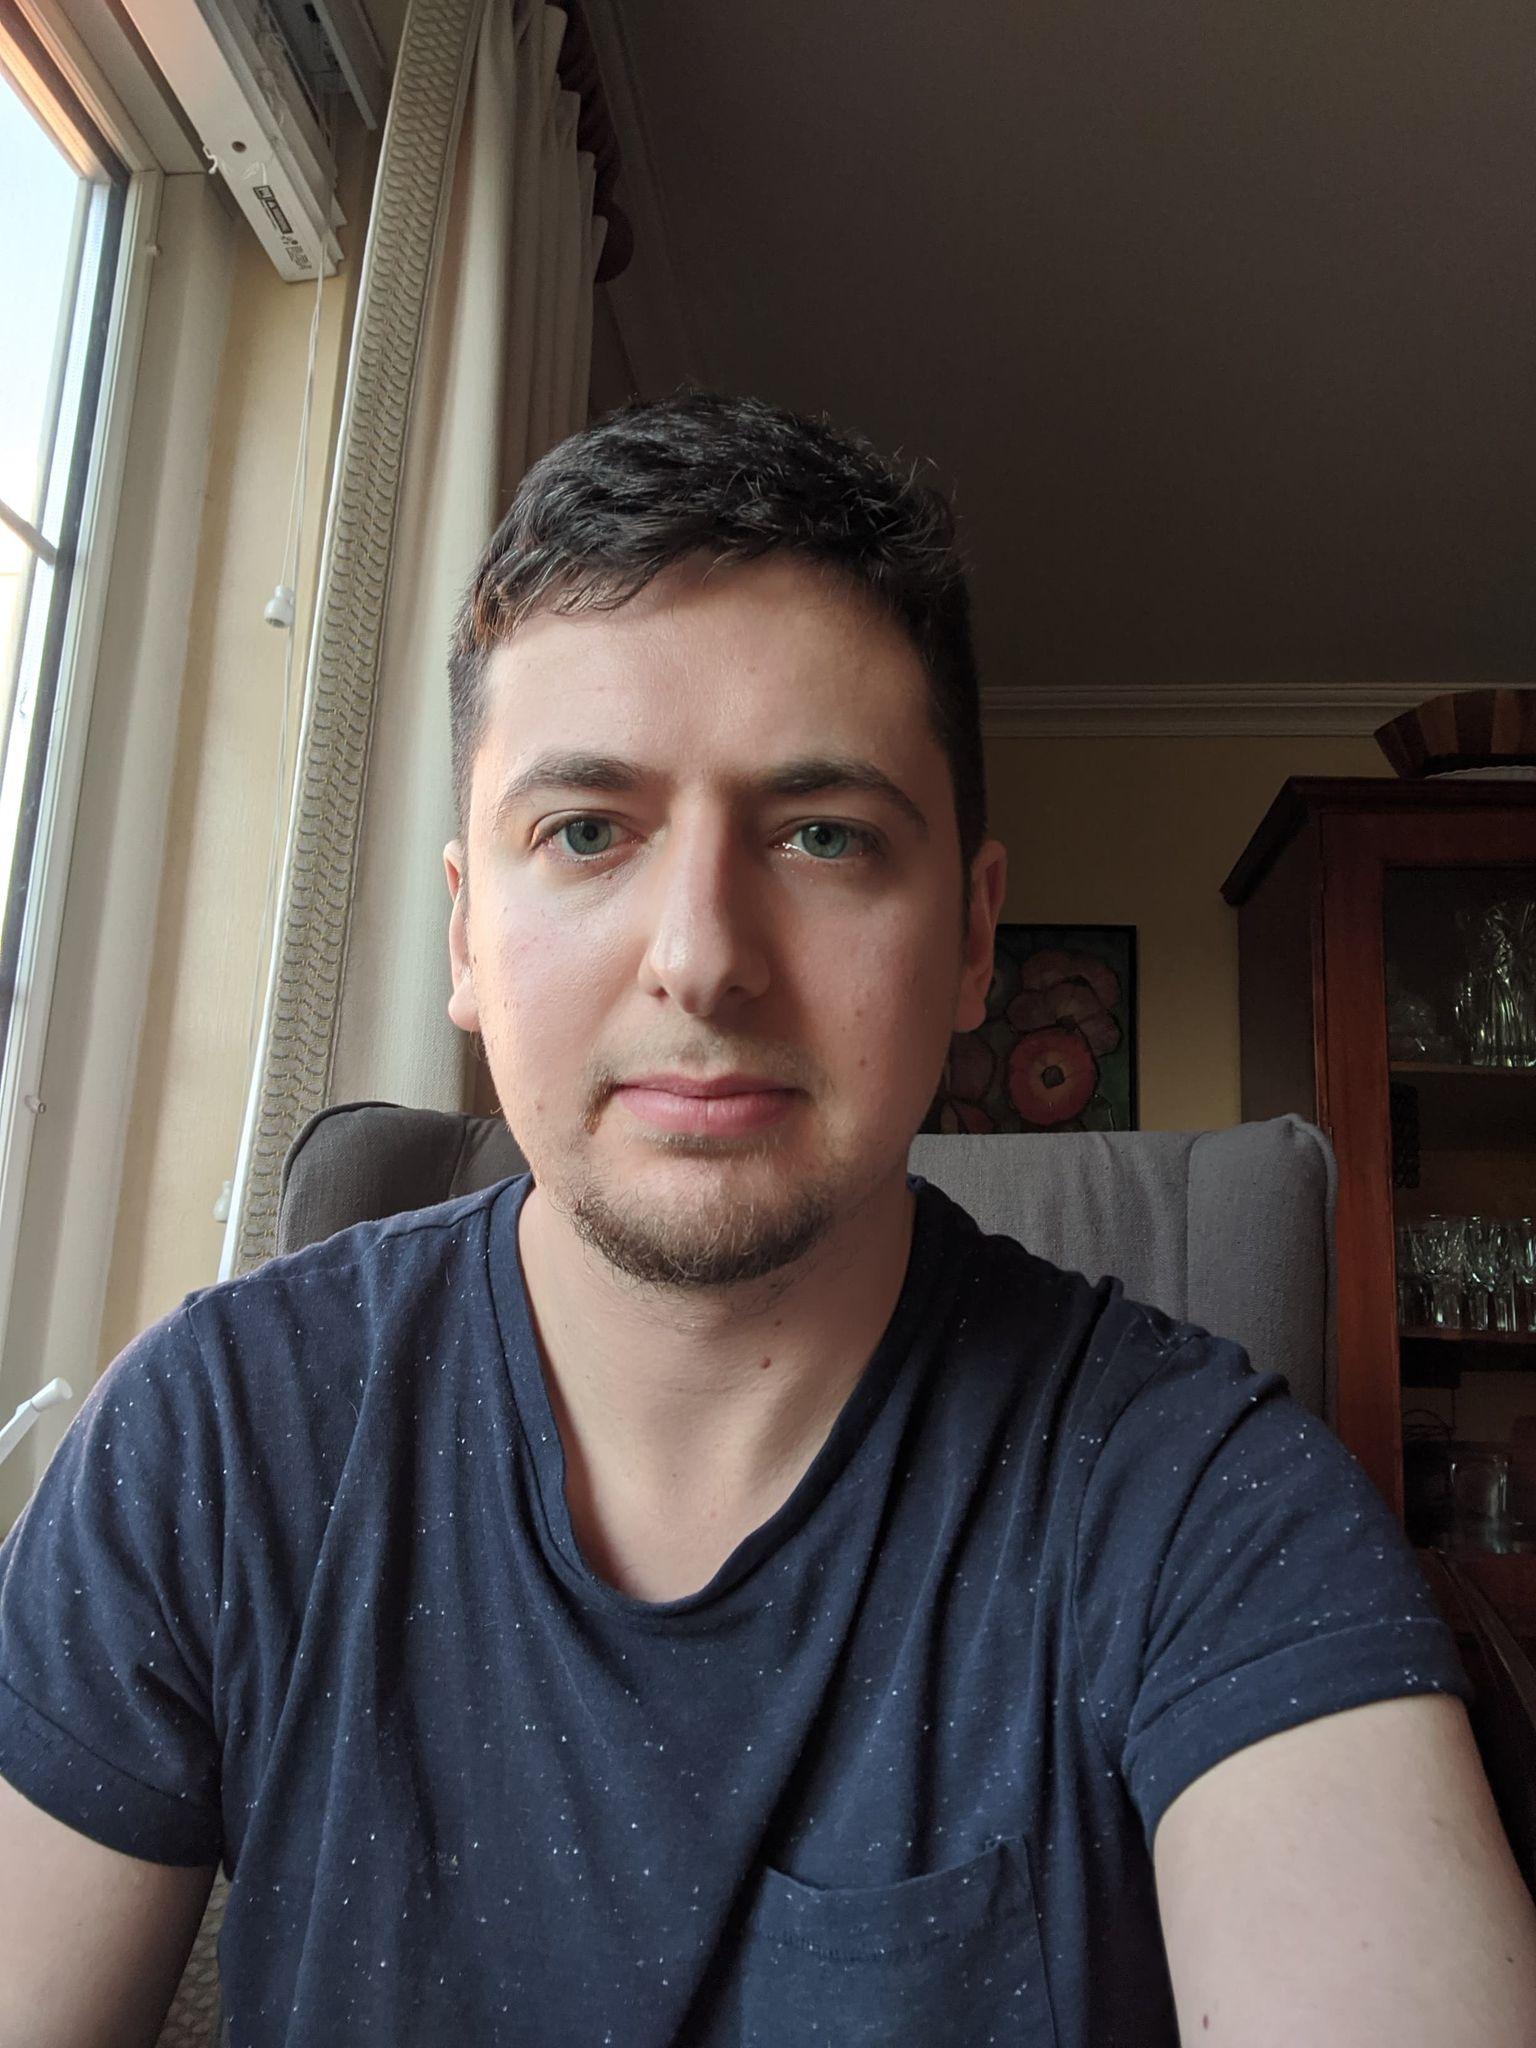 Josh Tarre